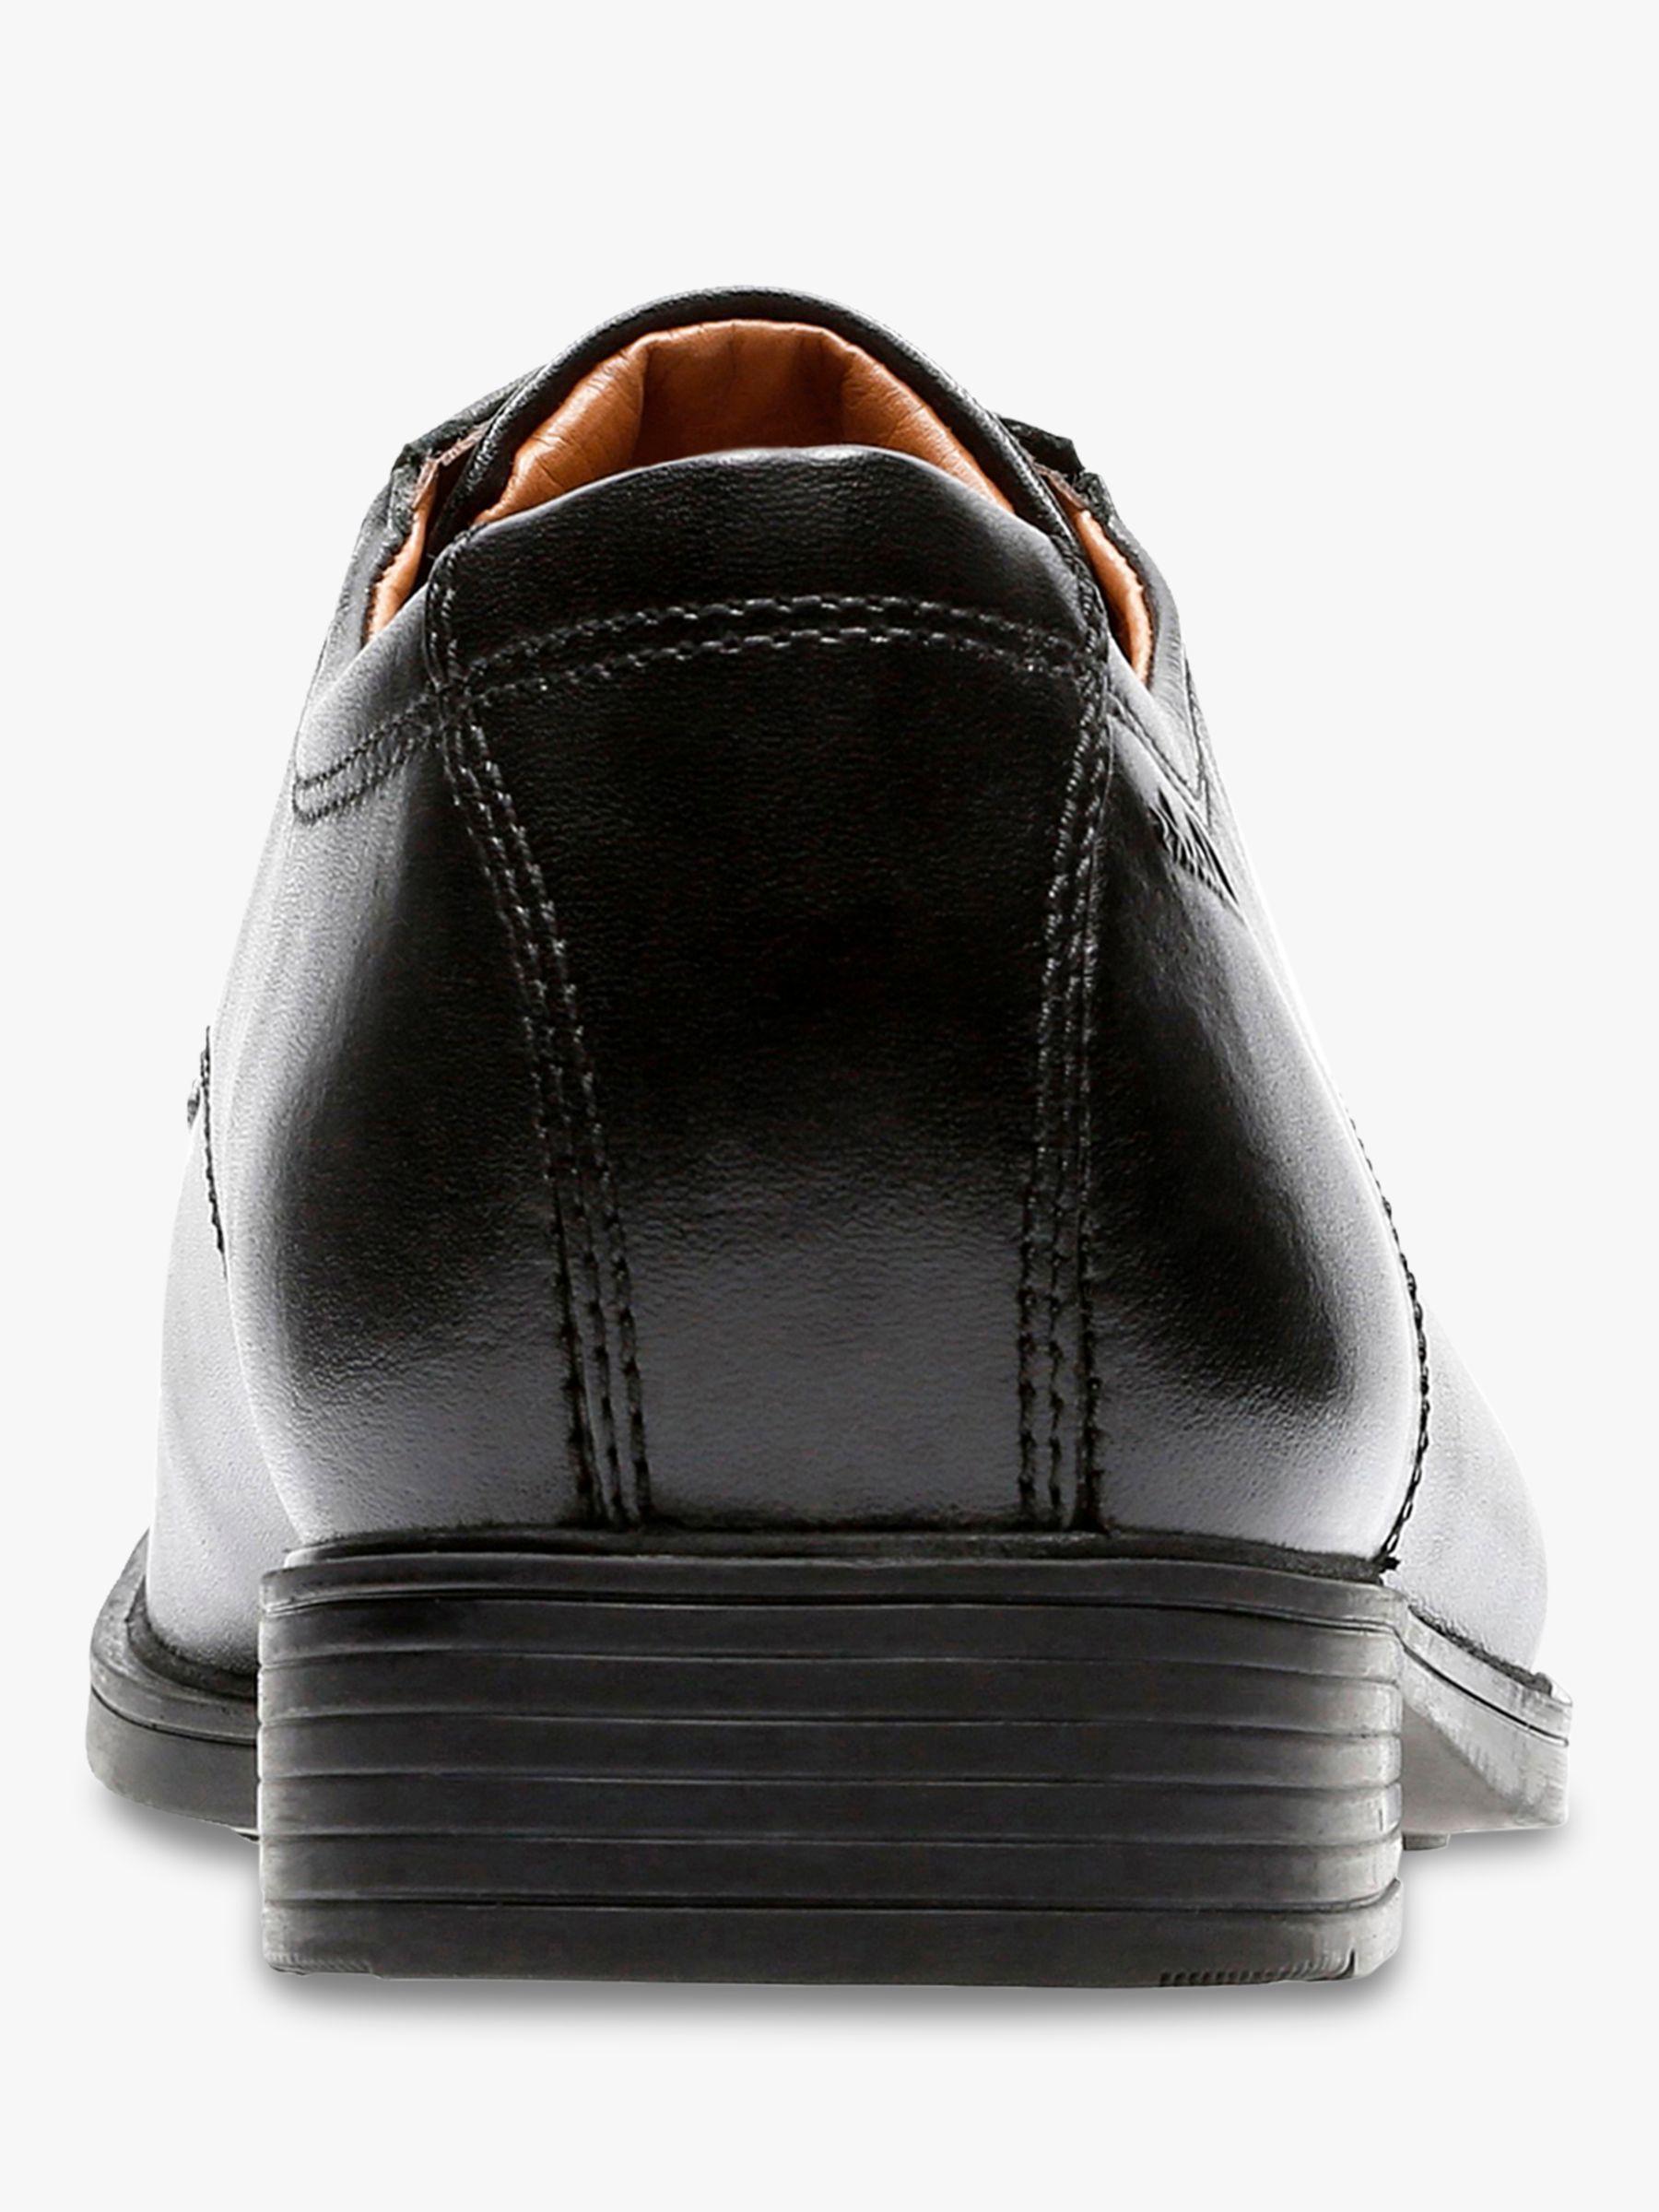 Clarks Tilden Walk Derby Leather Shoes, Black Sorte sko  Black shoes